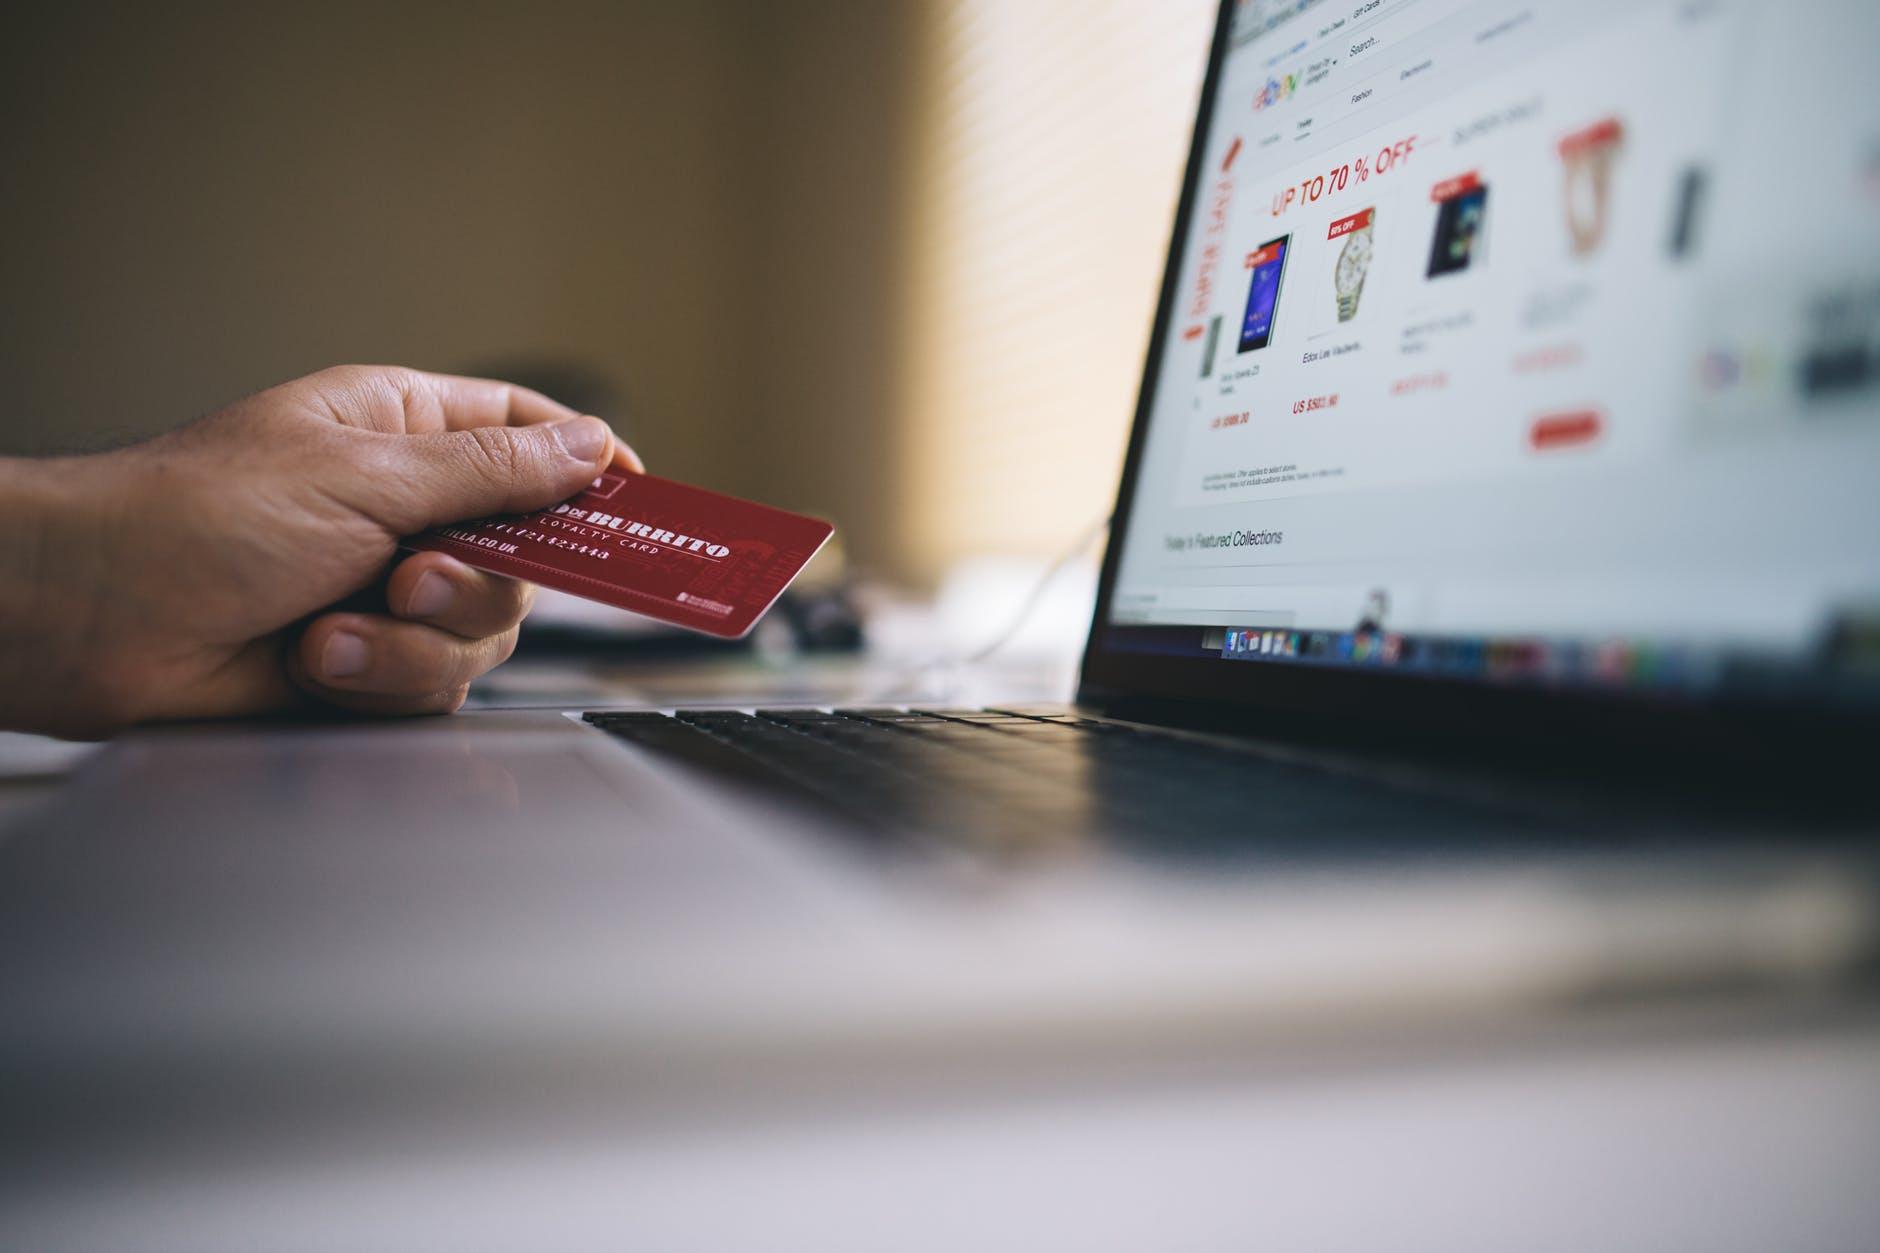 Comment éviter les arnaques lors d'un achat sur internet ?